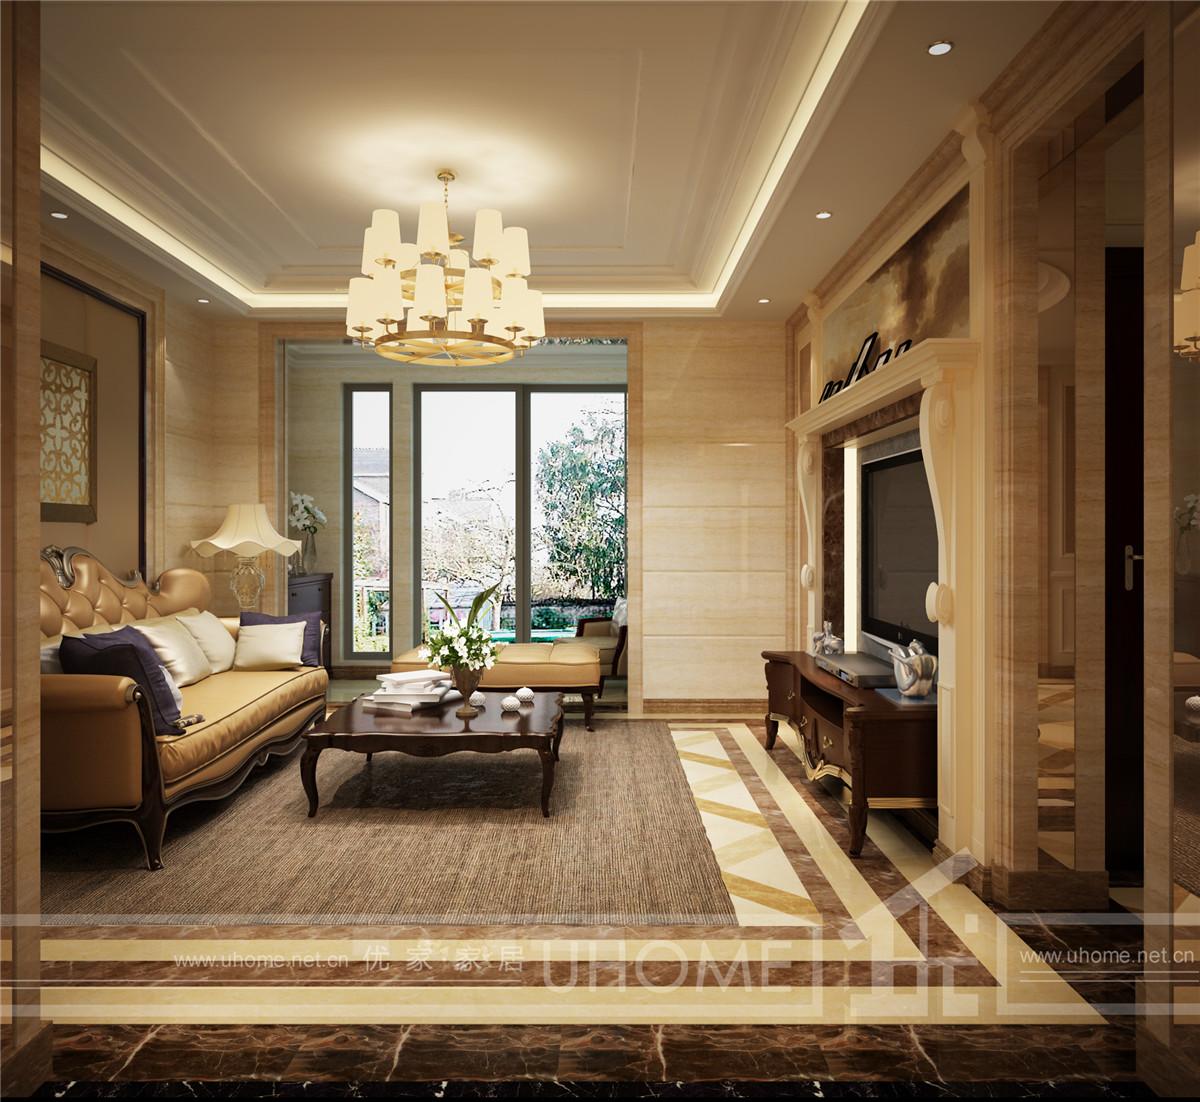 西郊半岛 别墅装修 现代风格 奥邦装饰 赵新艳作品 客厅图片来自上海奥邦装饰在西郊半岛别墅现代风格设计的分享